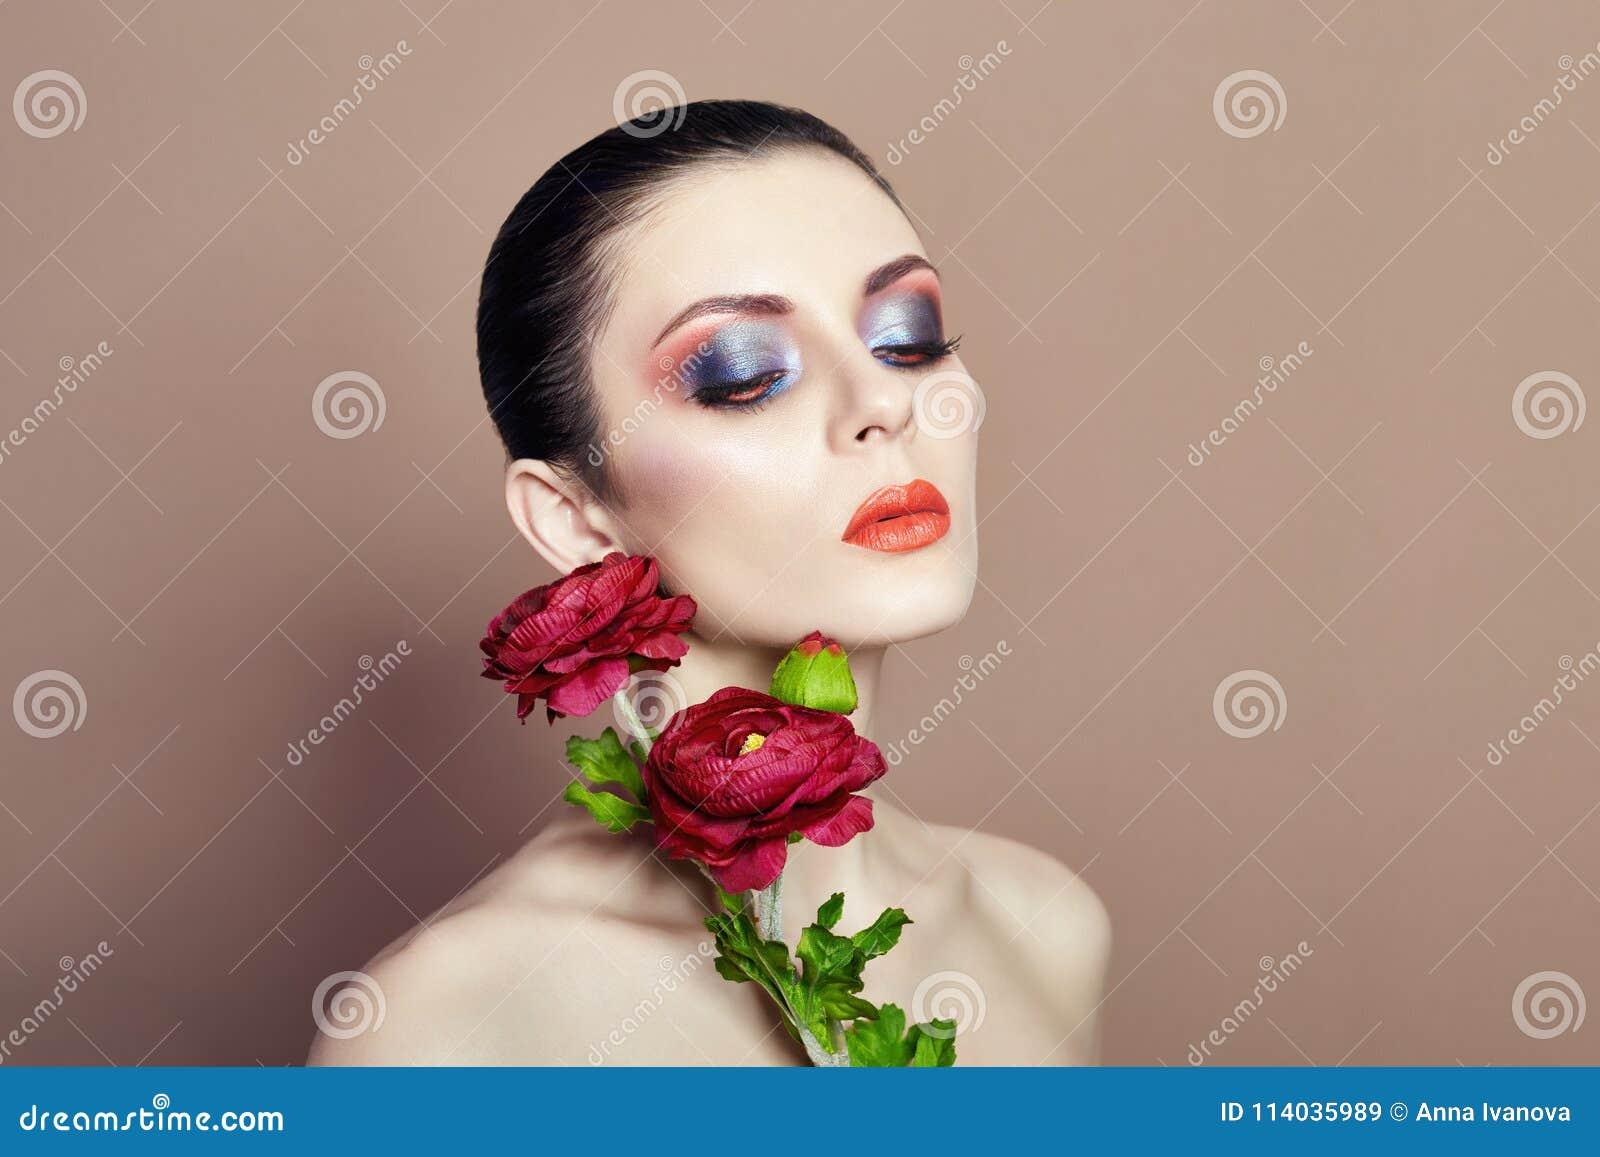 Grand Maquillage De Visage De Femme De Fleurs Fille De Fleurs De